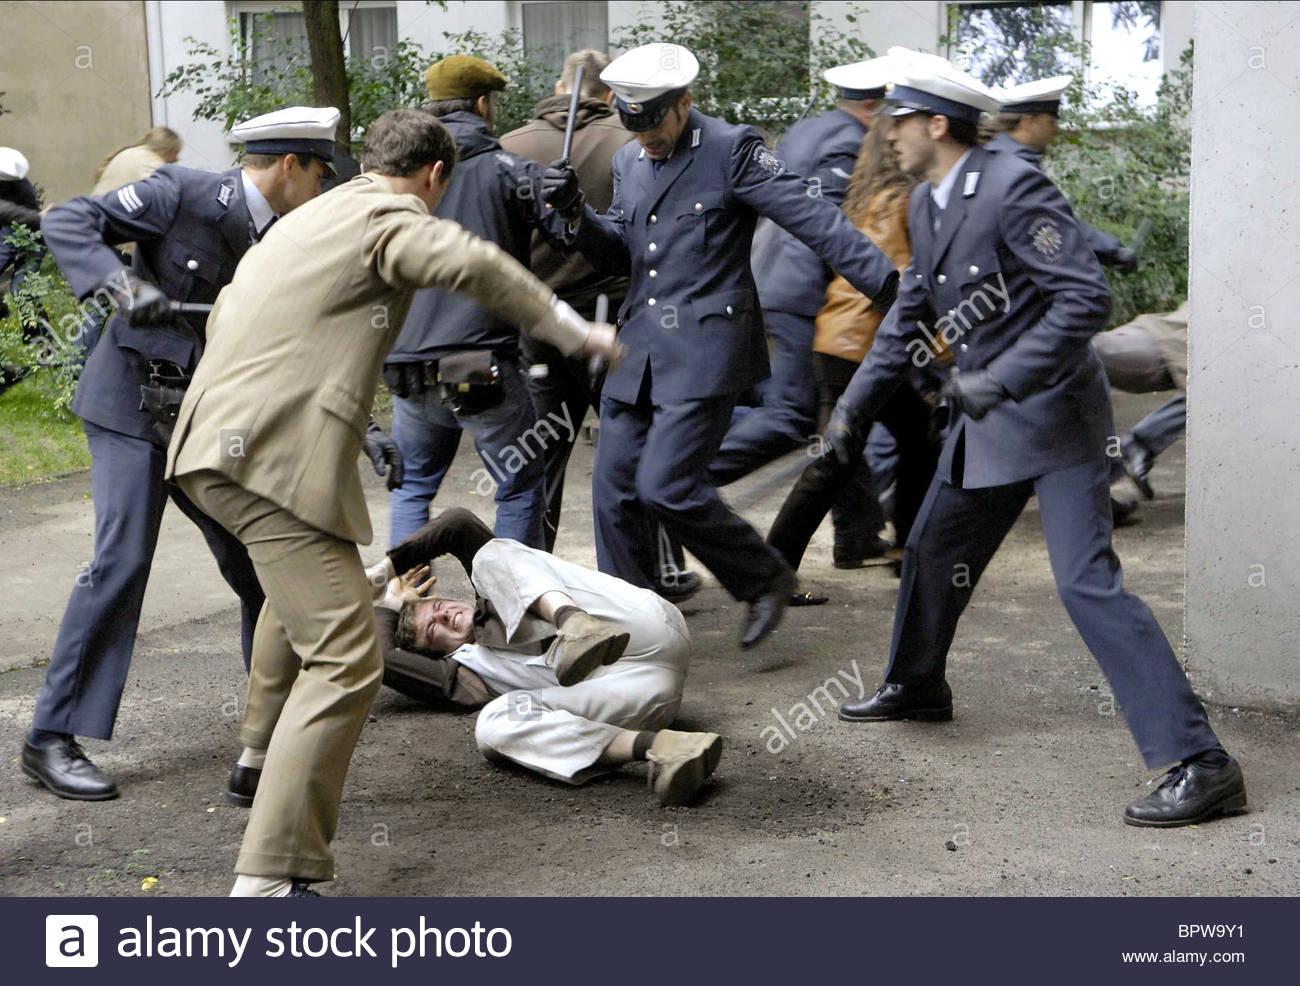 POLICE VIOLENCE THE BAADER MEINHOF COMPLEX; DER BAADER MEINHOF KOMPLEX (2008) - Stock Image